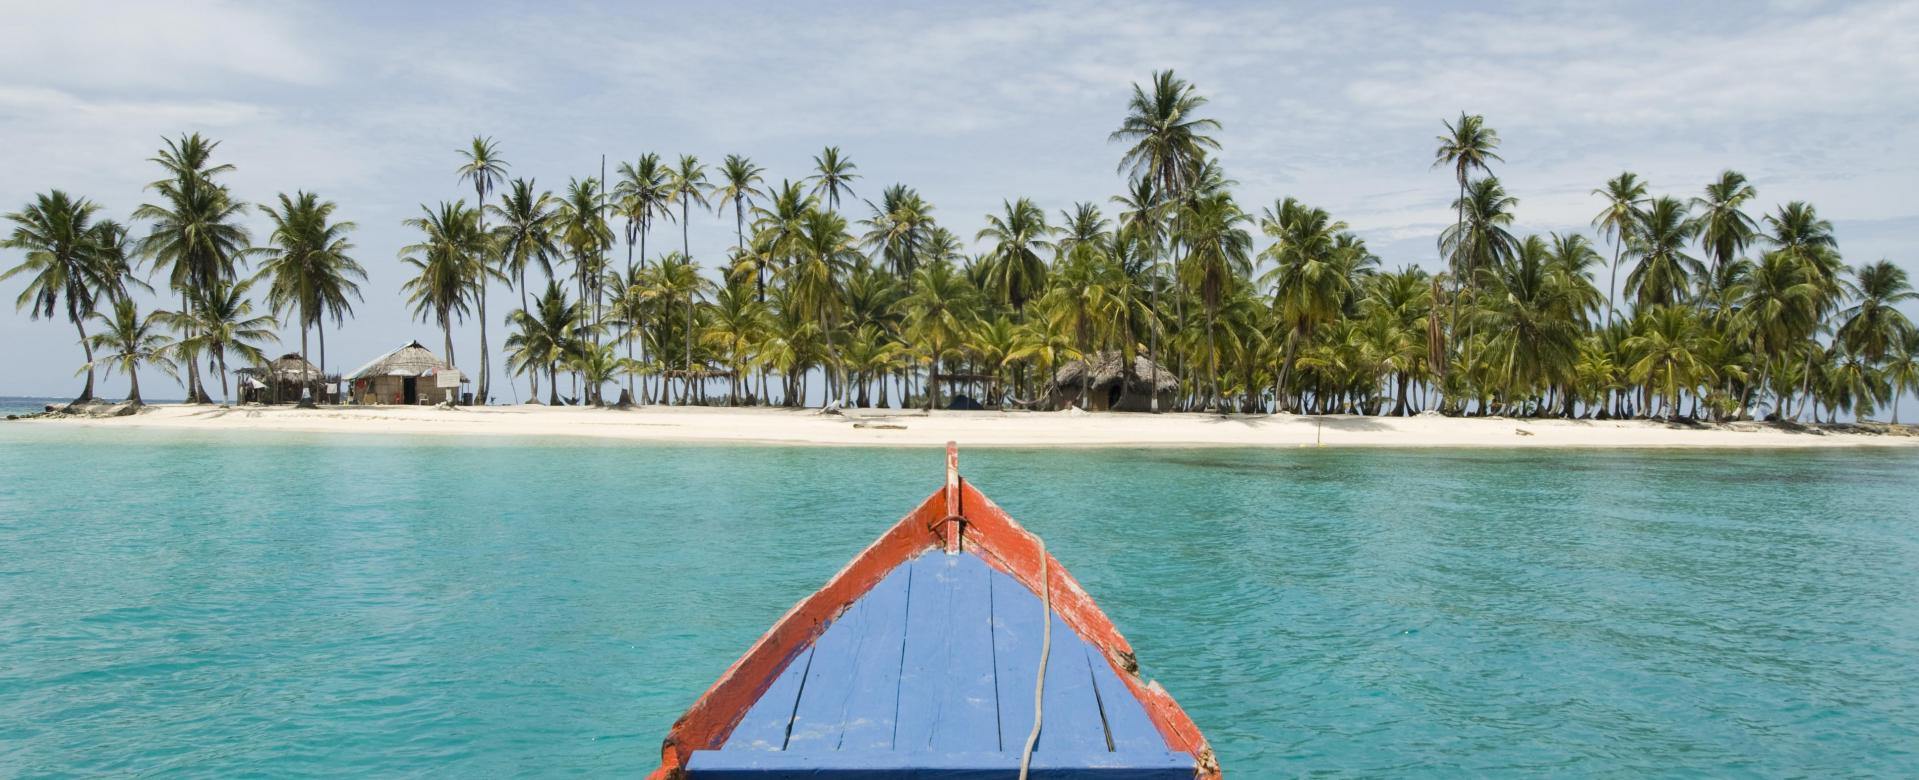 Voyage à pied : Amérindiens, jungle et récifs coralliens